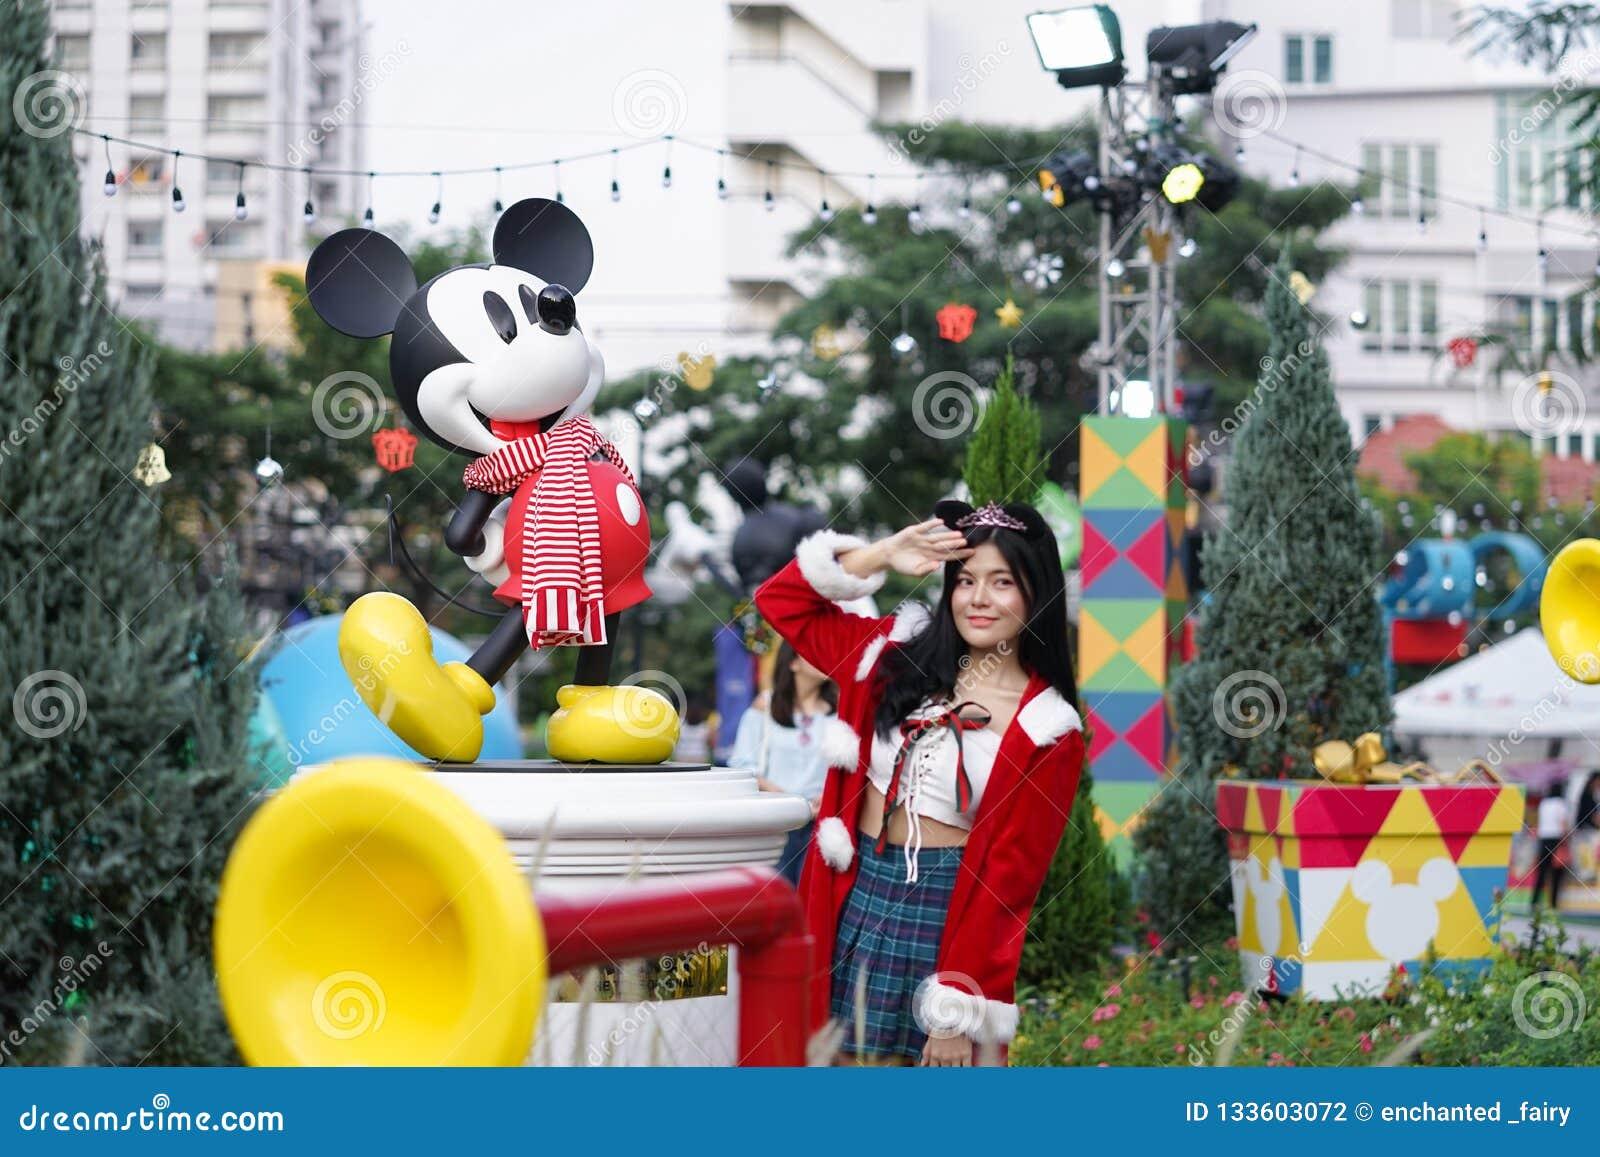 Bangkok Thailand - December 5, 2018: Ett foto av Mickey Mouse, famou